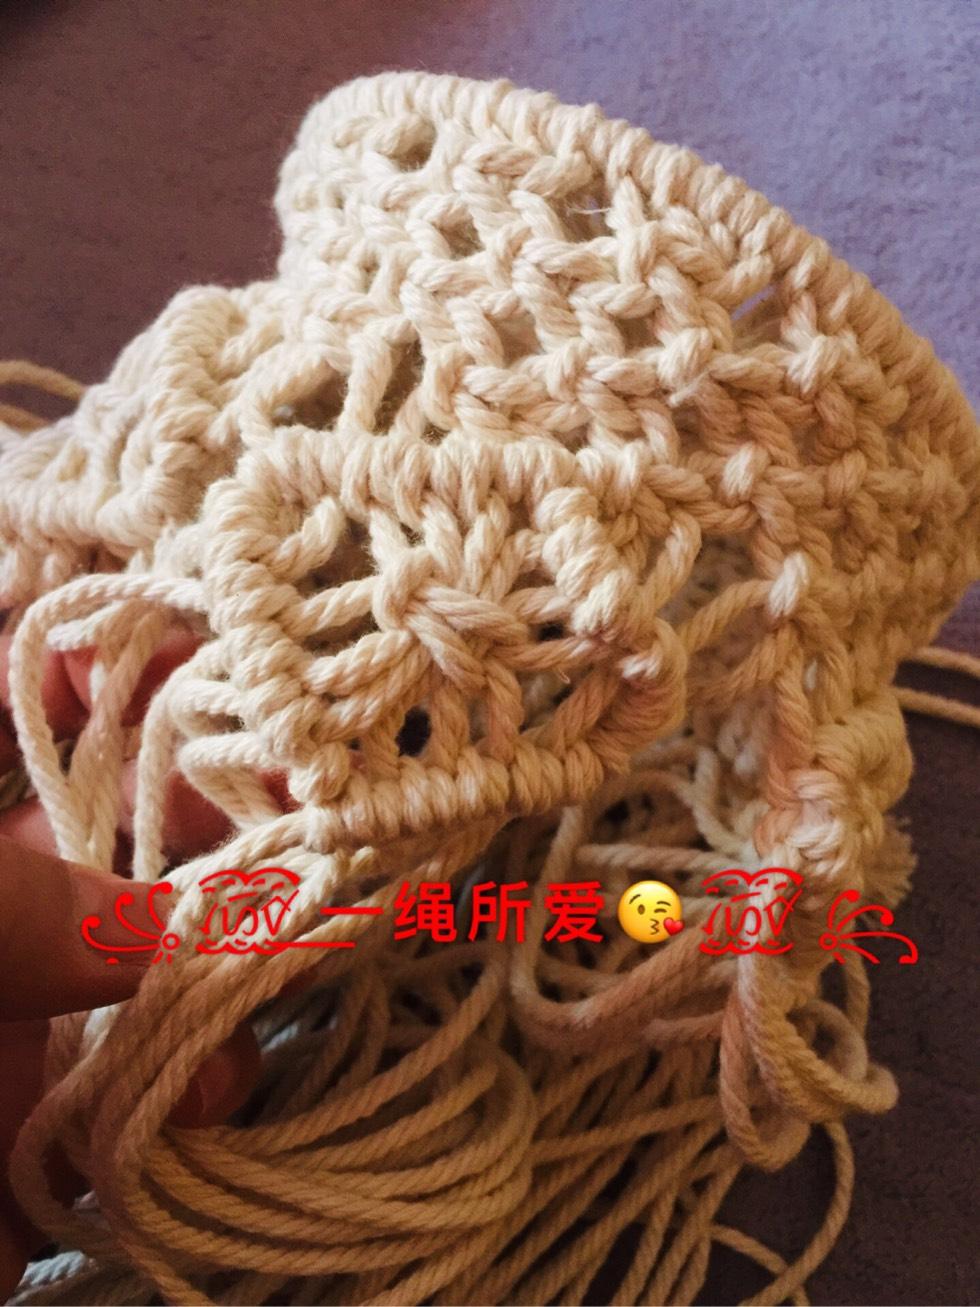 中国结论坛 原创·Macrame 收纳篮  立体绳结教程与交流区 143021f11ycr8cyyguc8ia